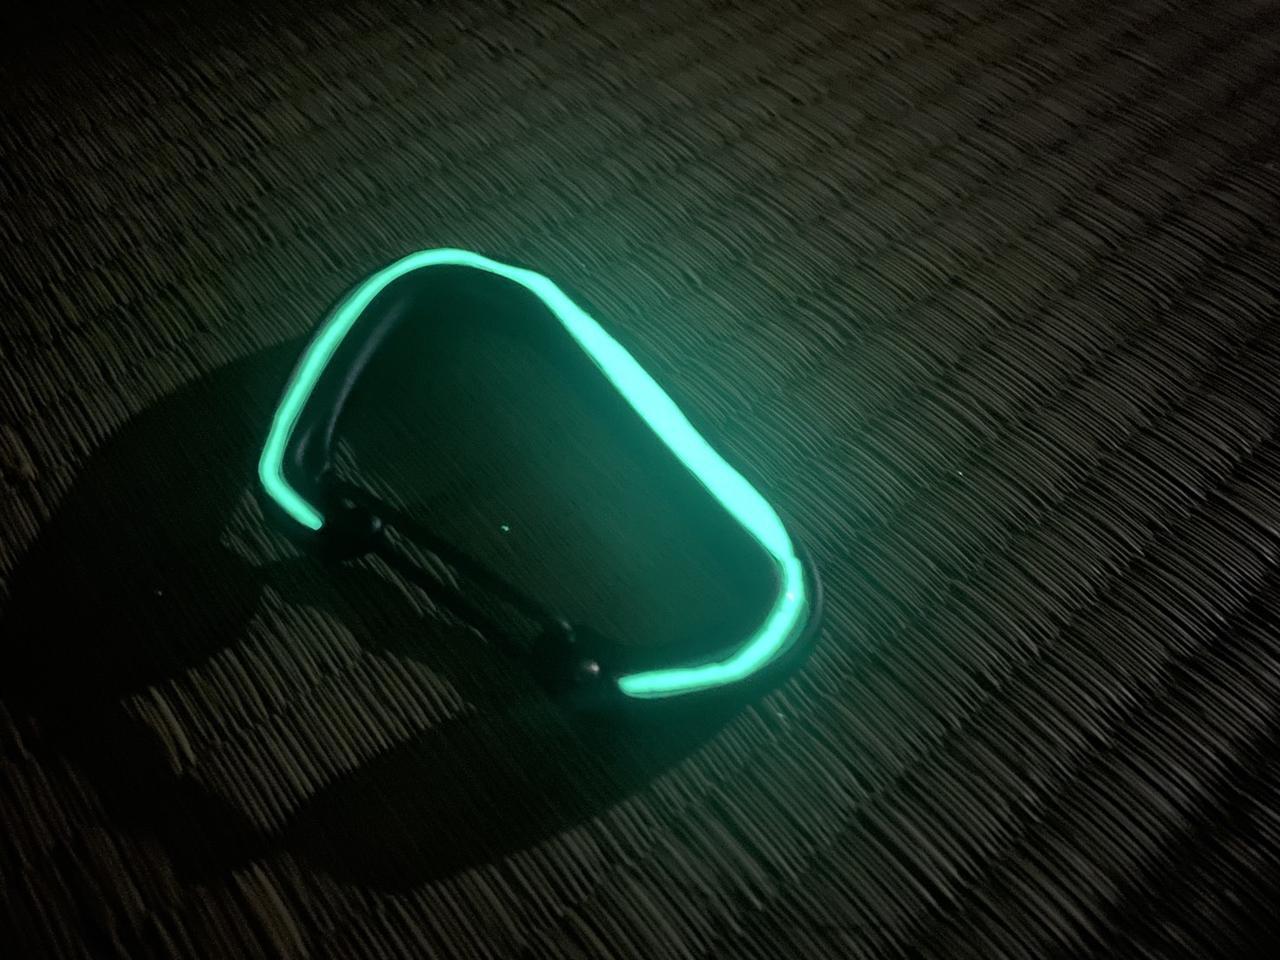 画像1: 「Glow HOTARU(グローホタル)」について詳しく知りたい方はこちらをチェック!